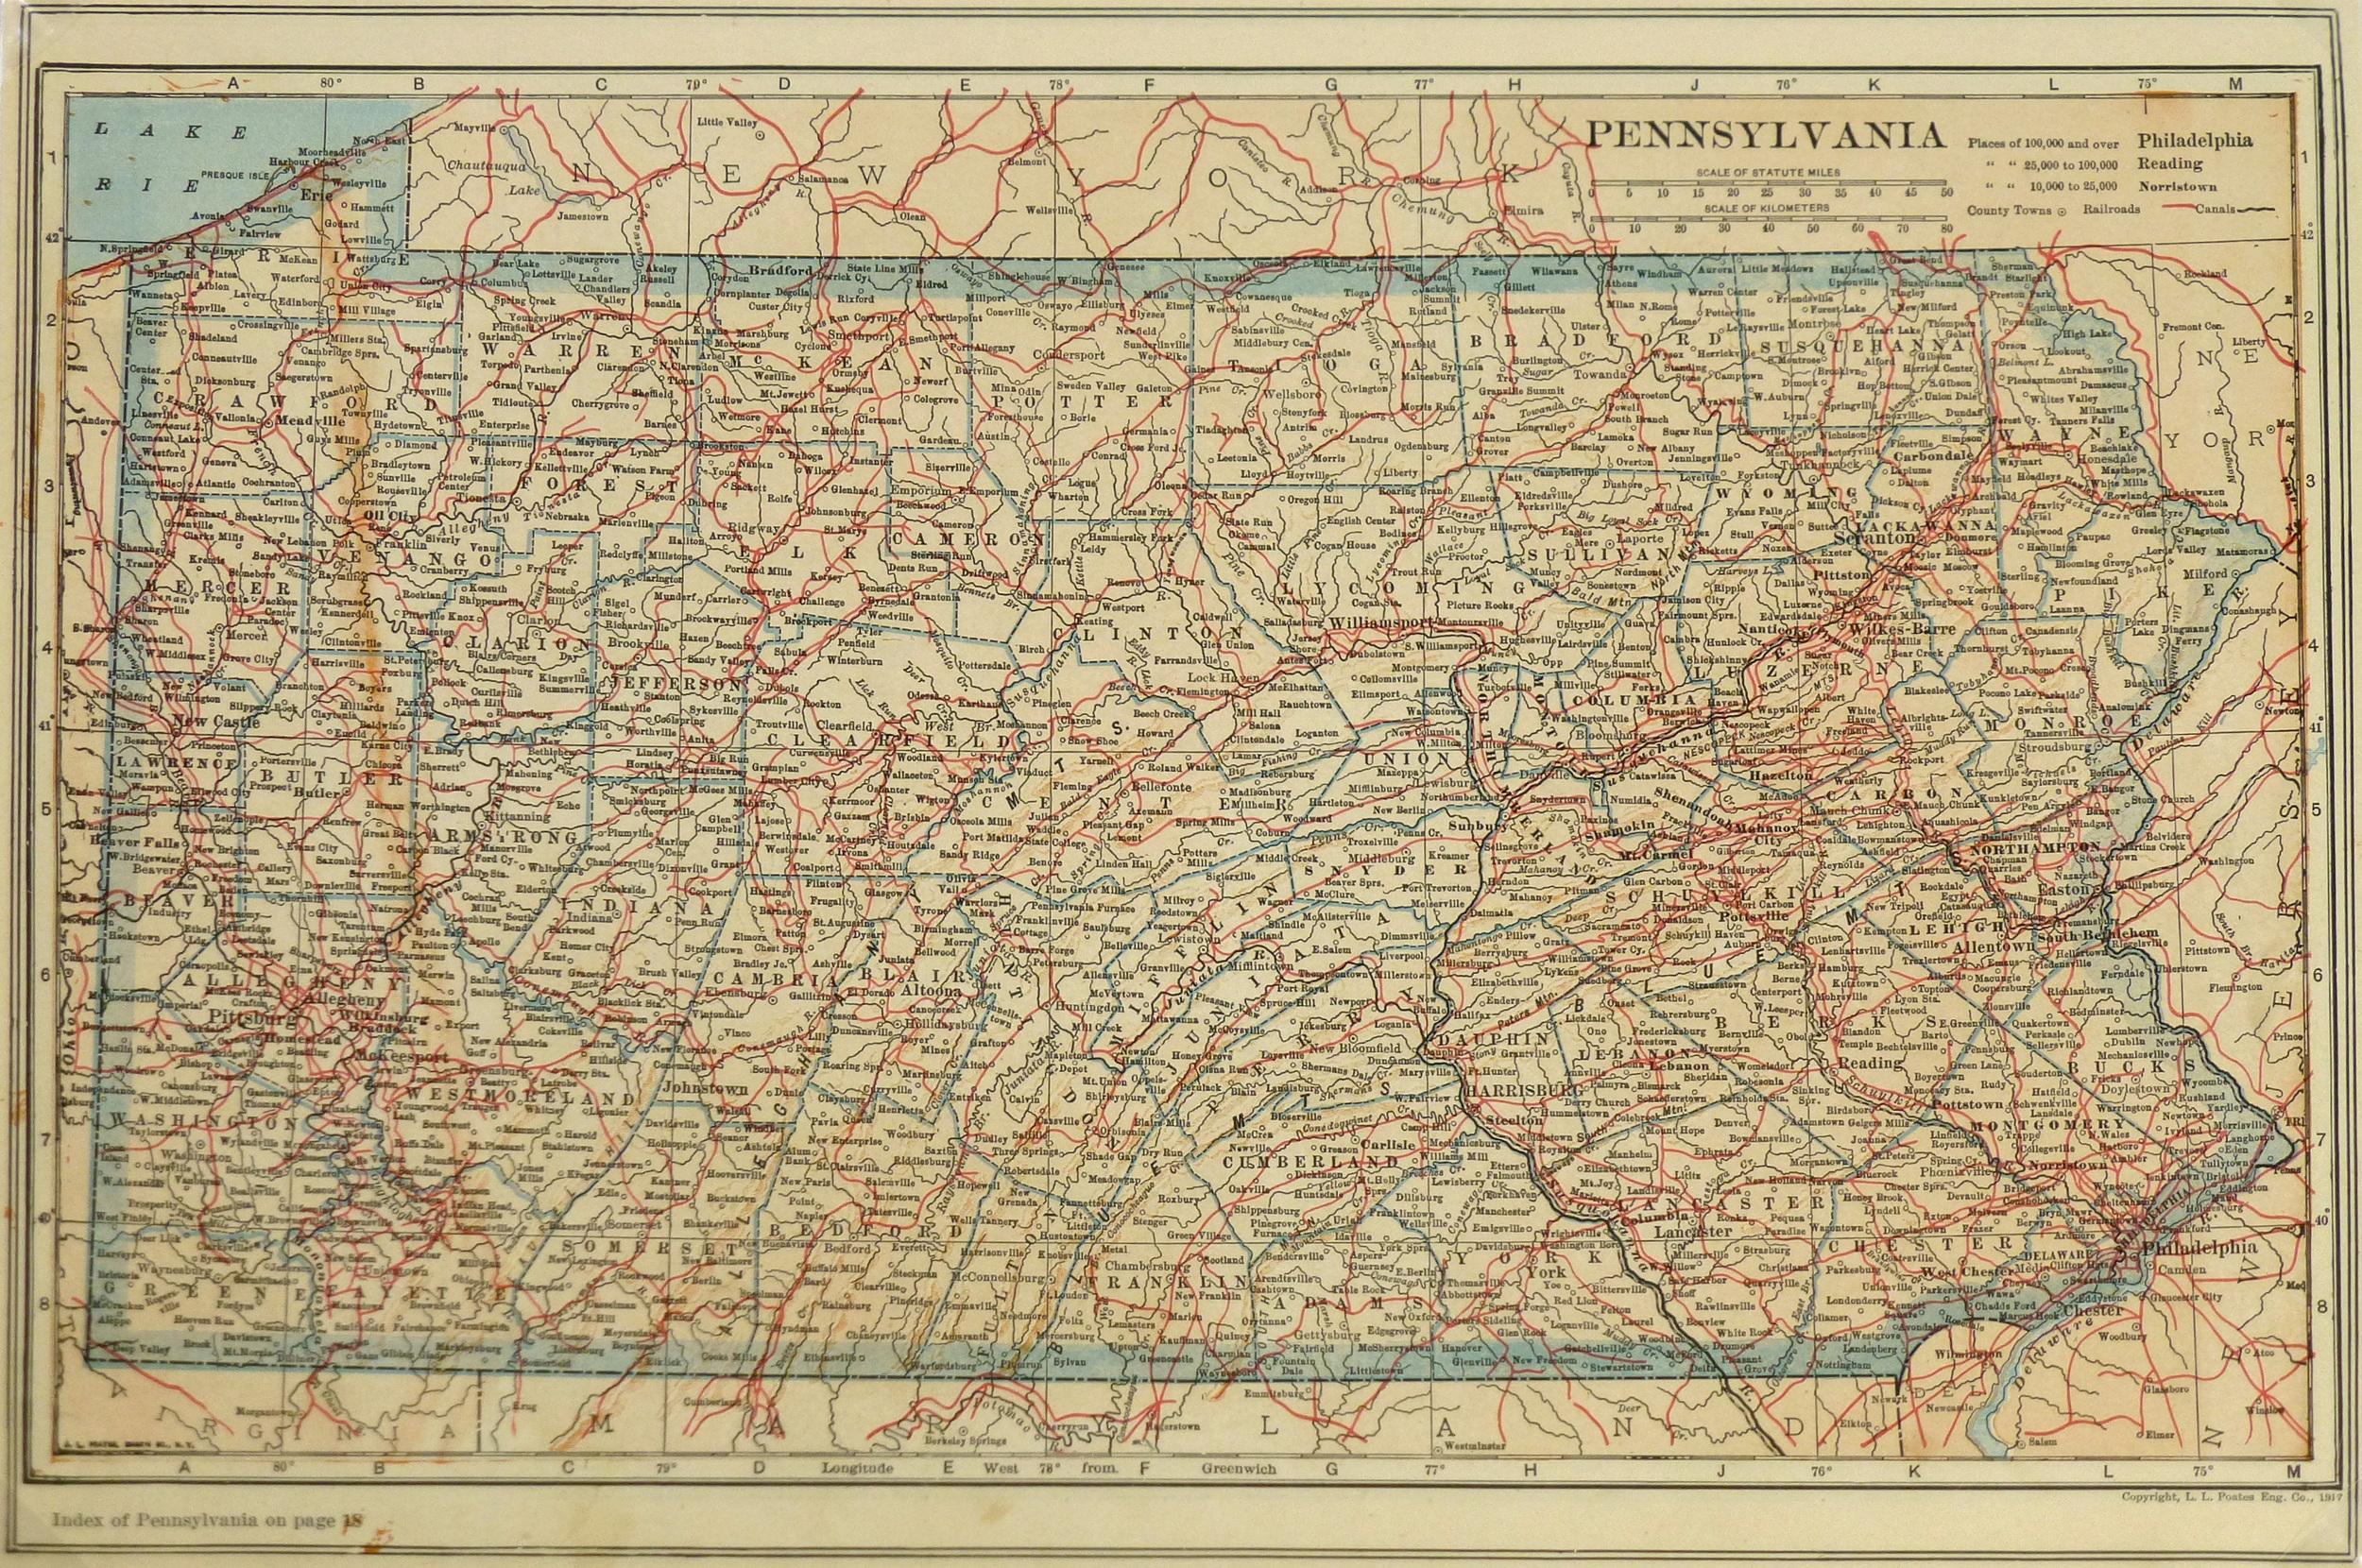 Pennsylvania Map, 1917-main-5783K